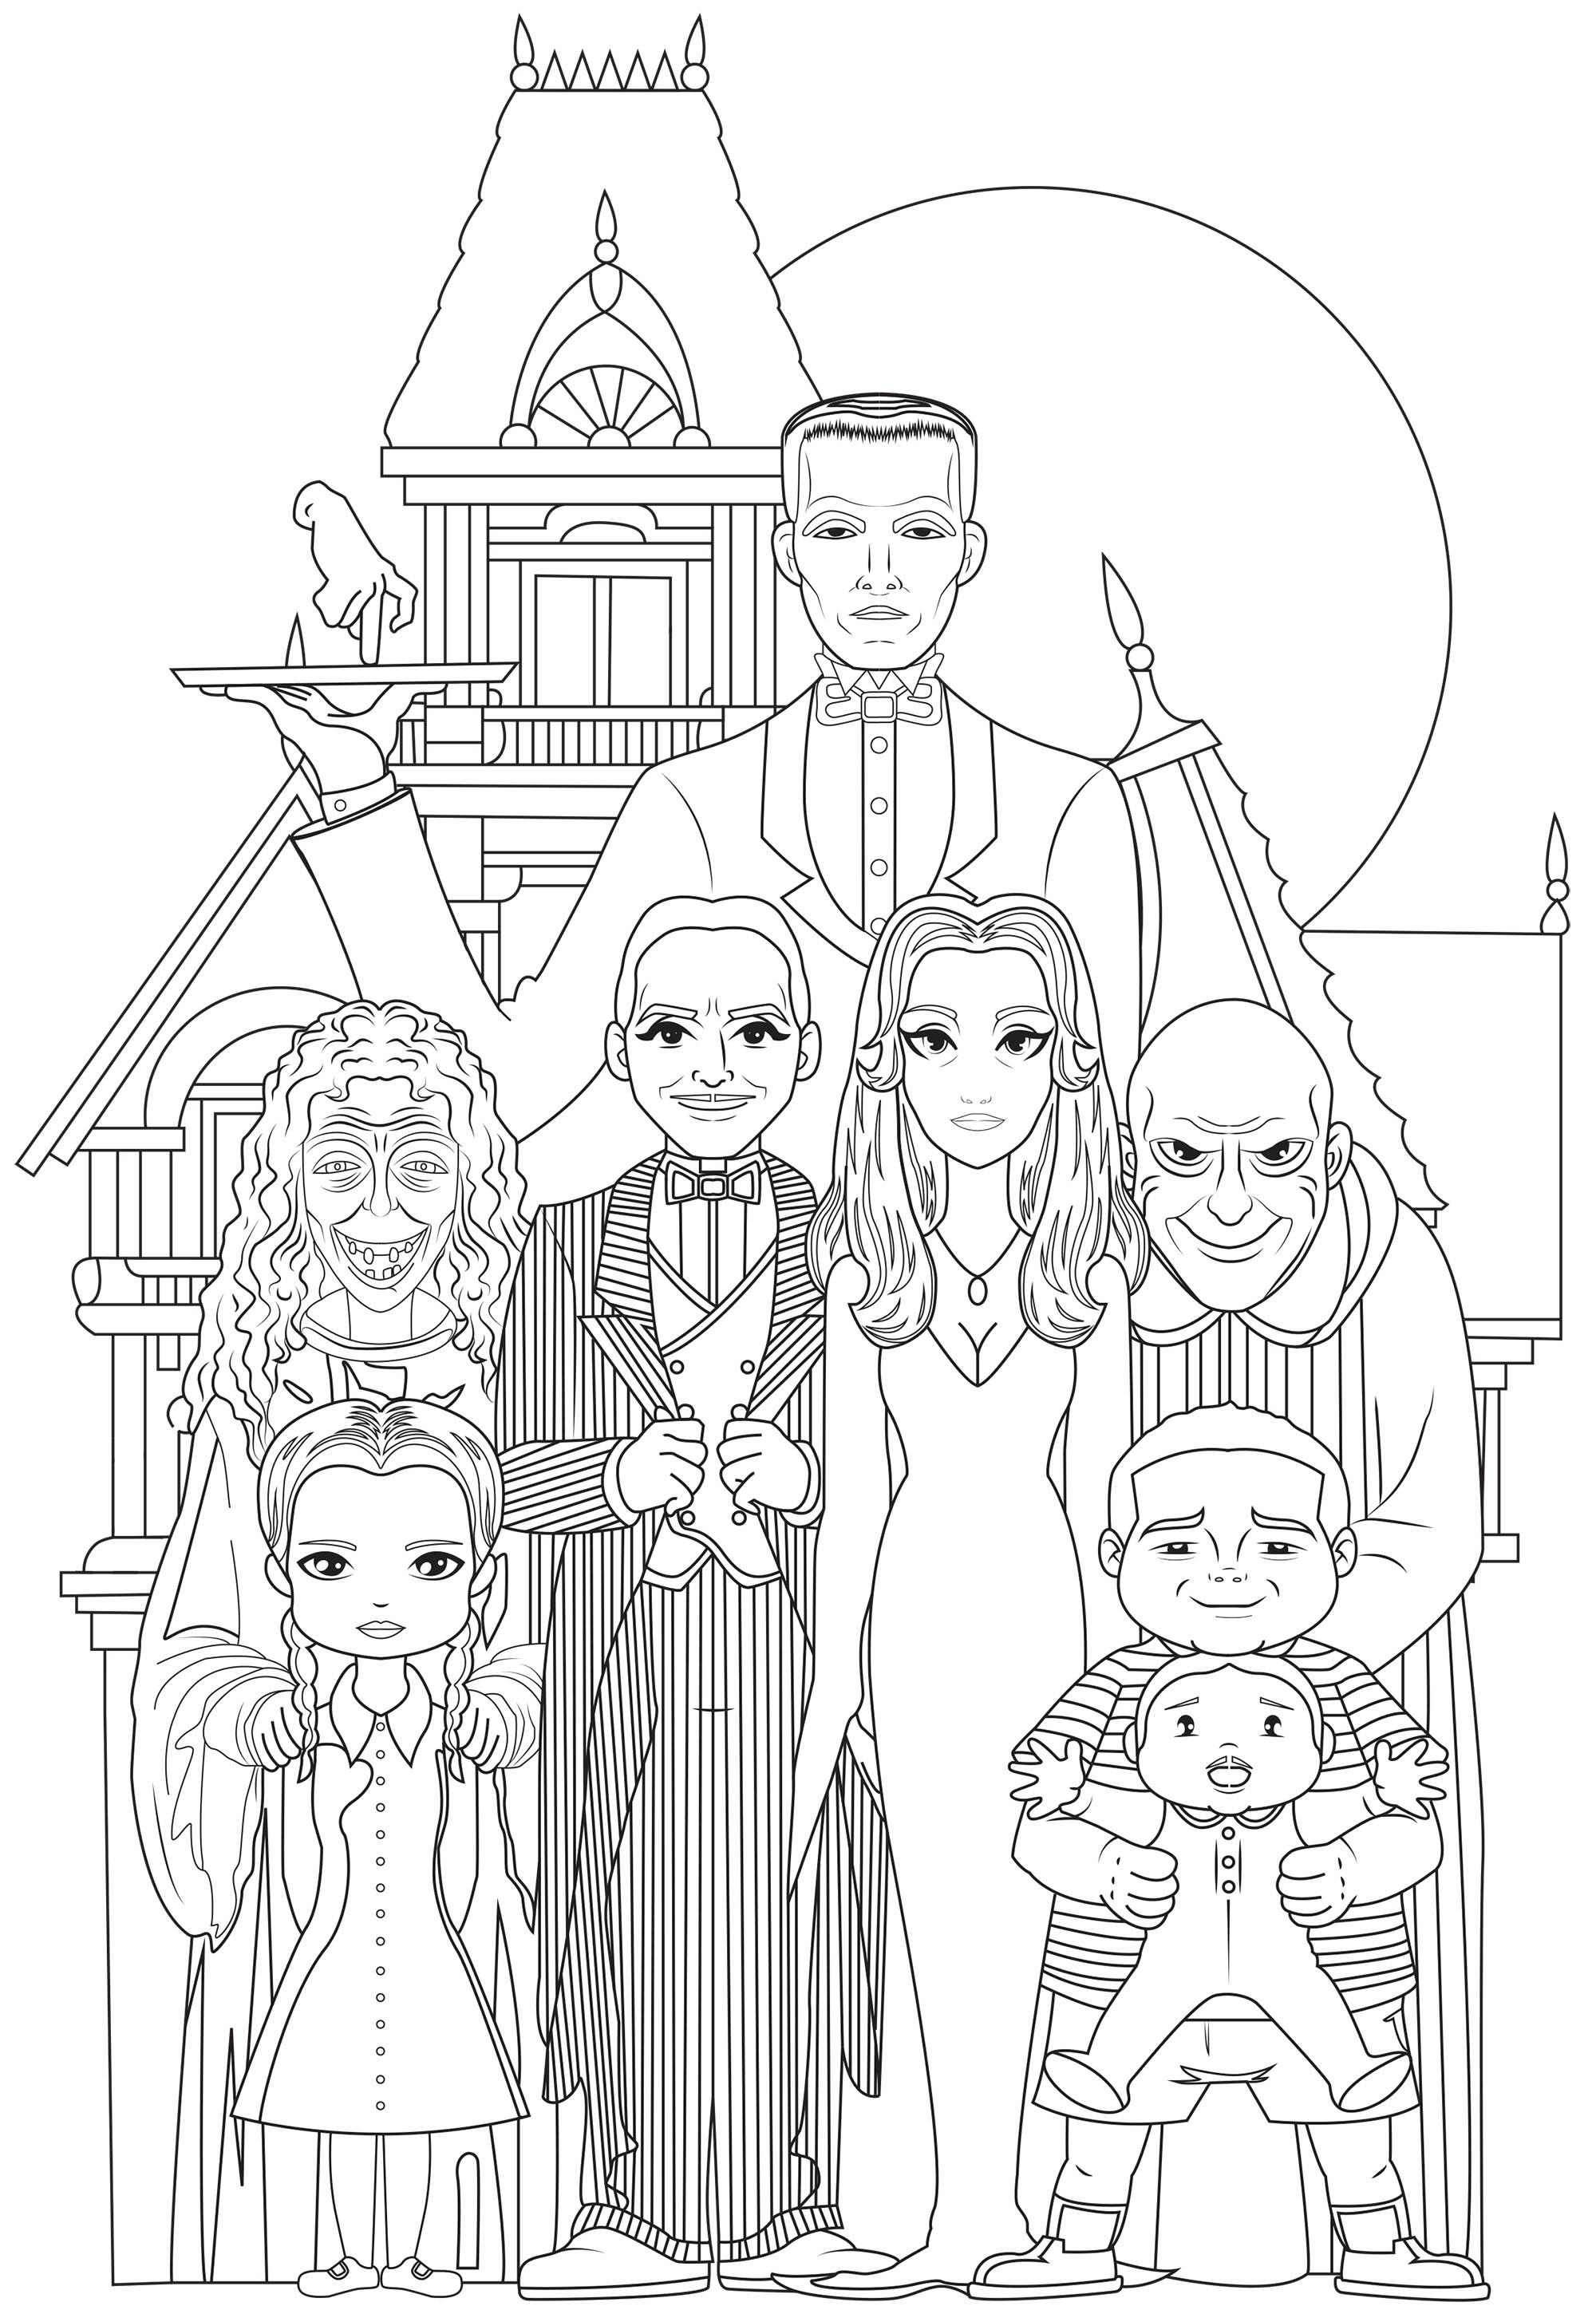 La famille Addams au grand complet : Gomez et Morticia, leurs enfants Mercredi et Pugsley, l'Oncle Fester et Grandmama, leur majordome Lurch, la main Thing et le cousin Itt